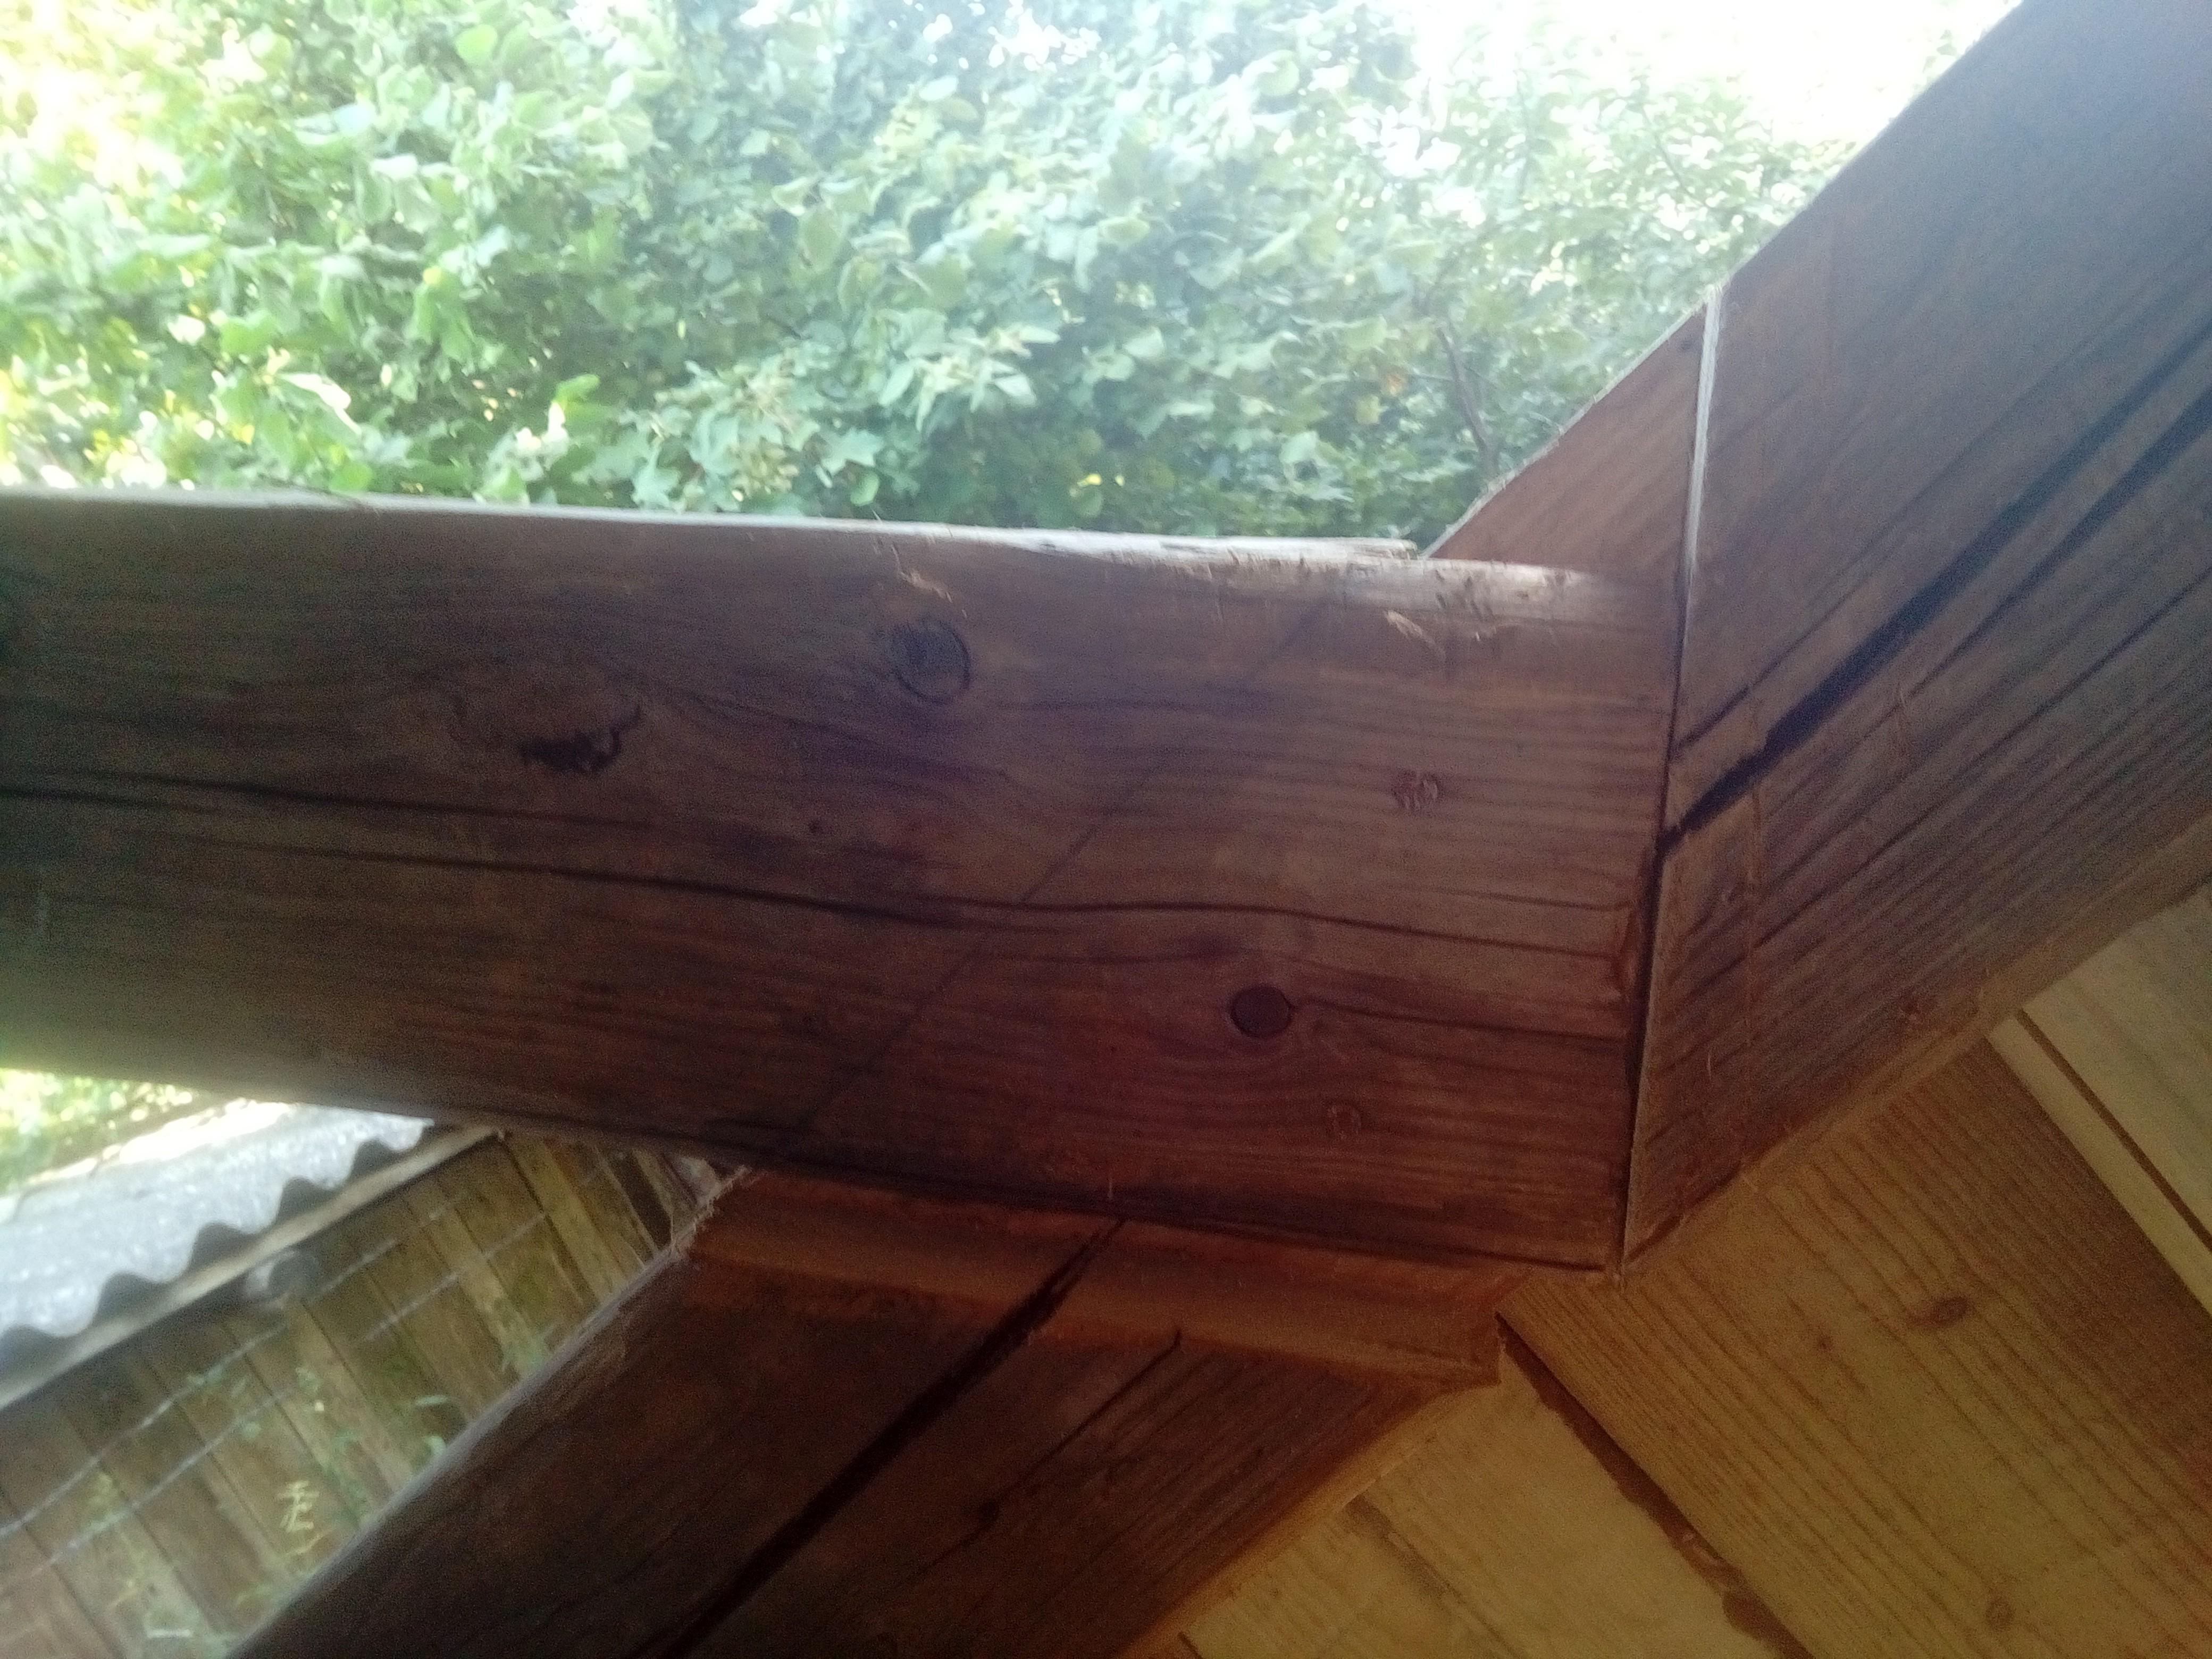 Detail spoje trámů